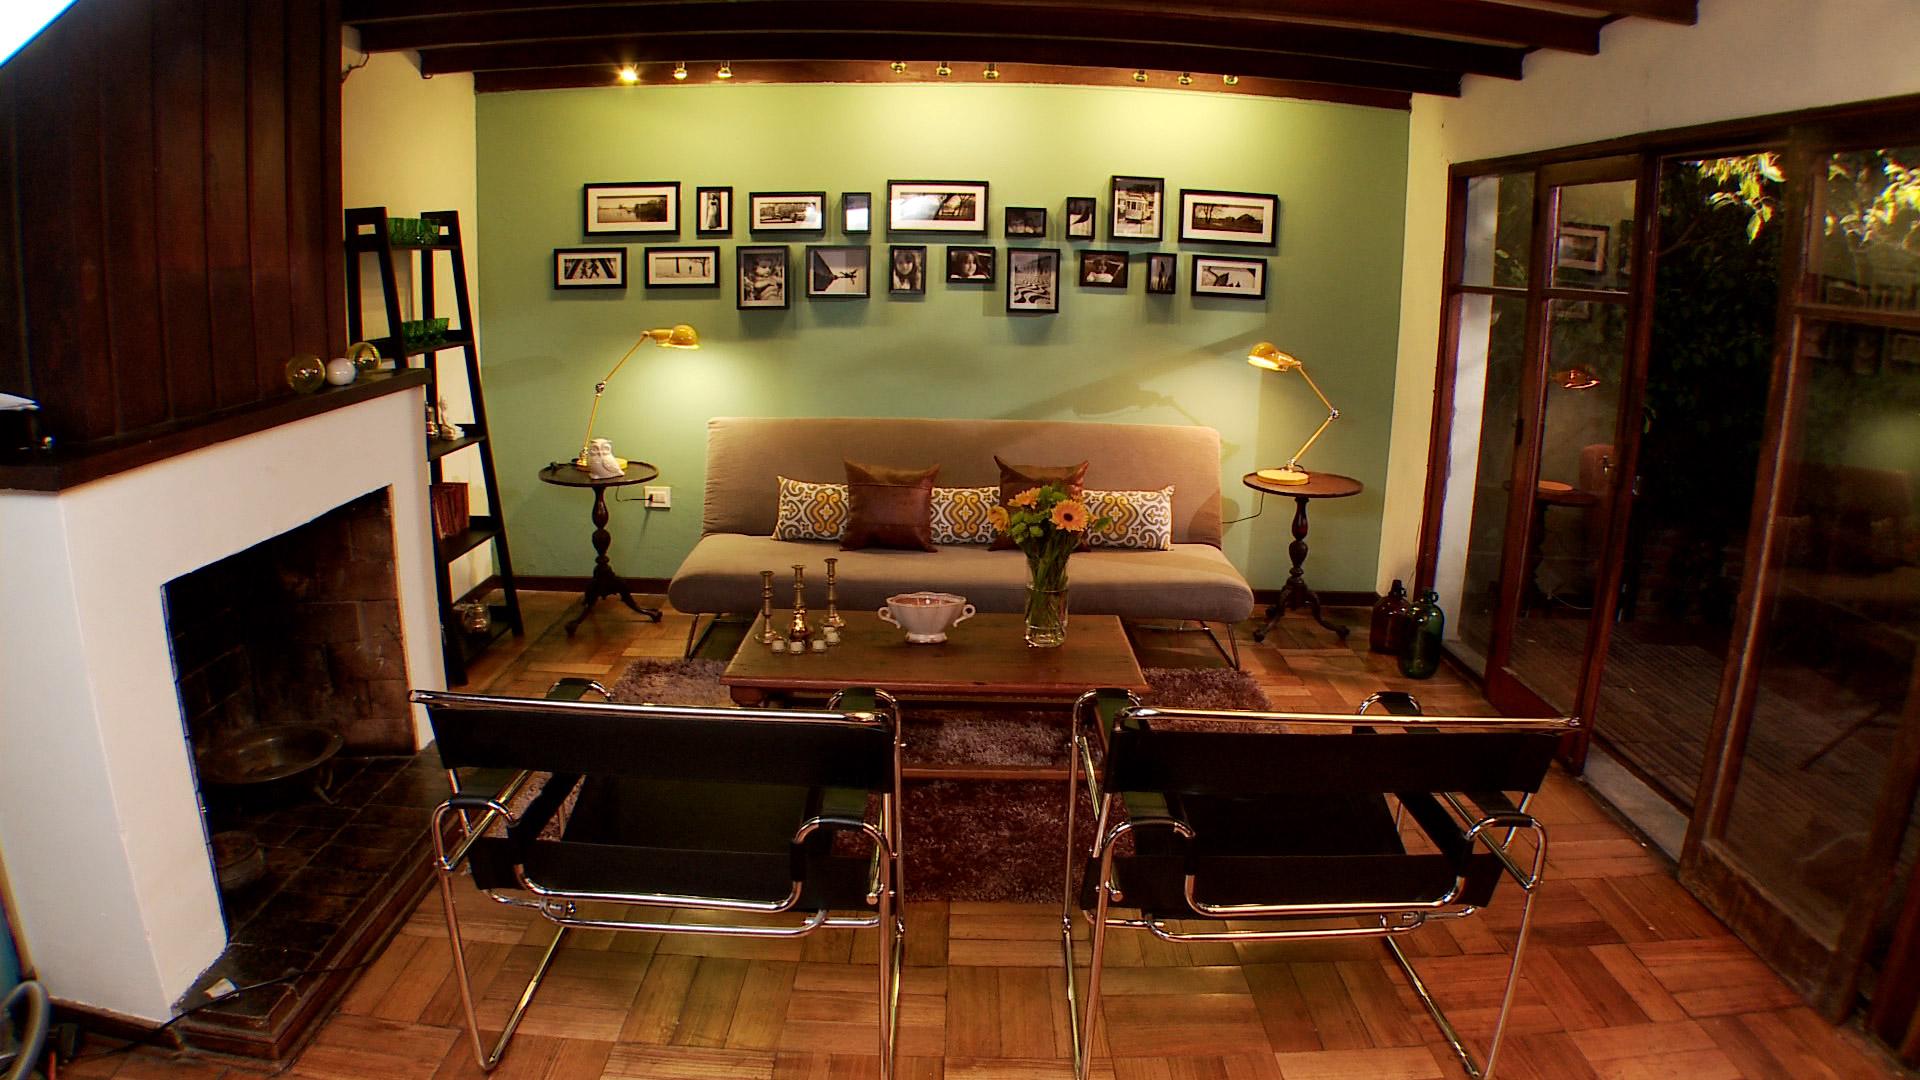 Hgalo Usted Mismo  Cmo mejorar un espacio con pintura y decoracin